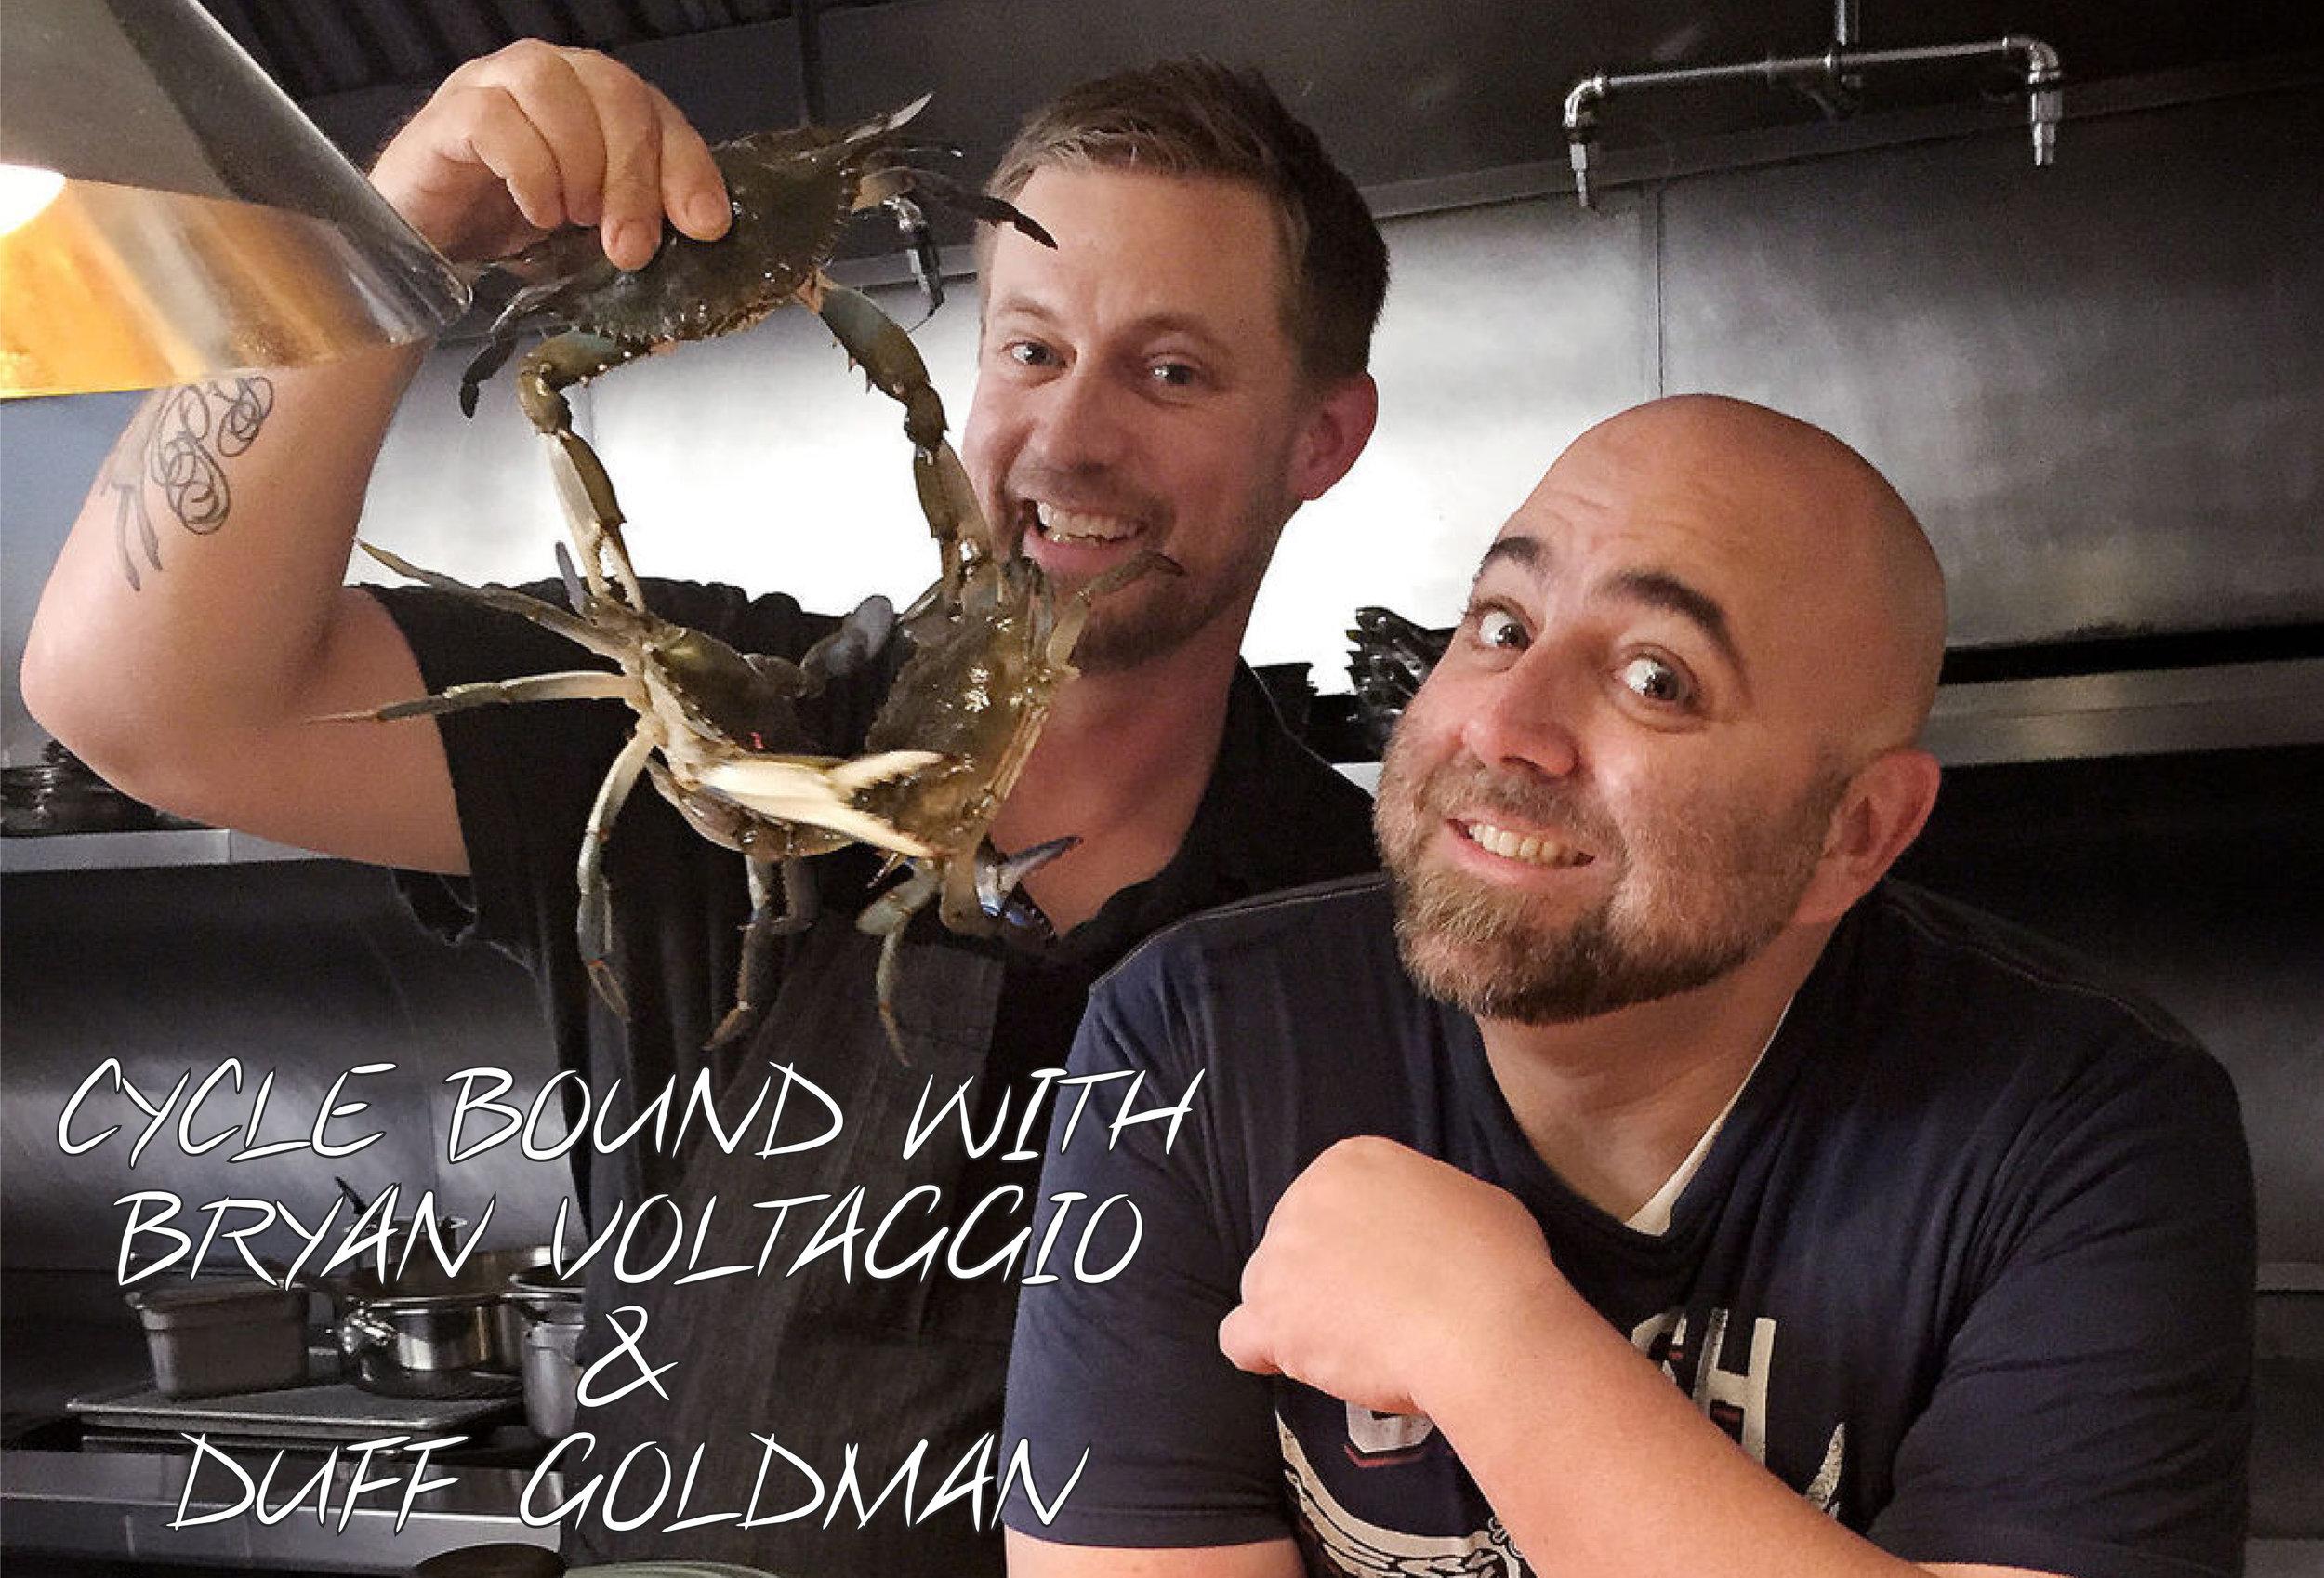 Chef Bryan Voltaggio + Chef Duff Goldman